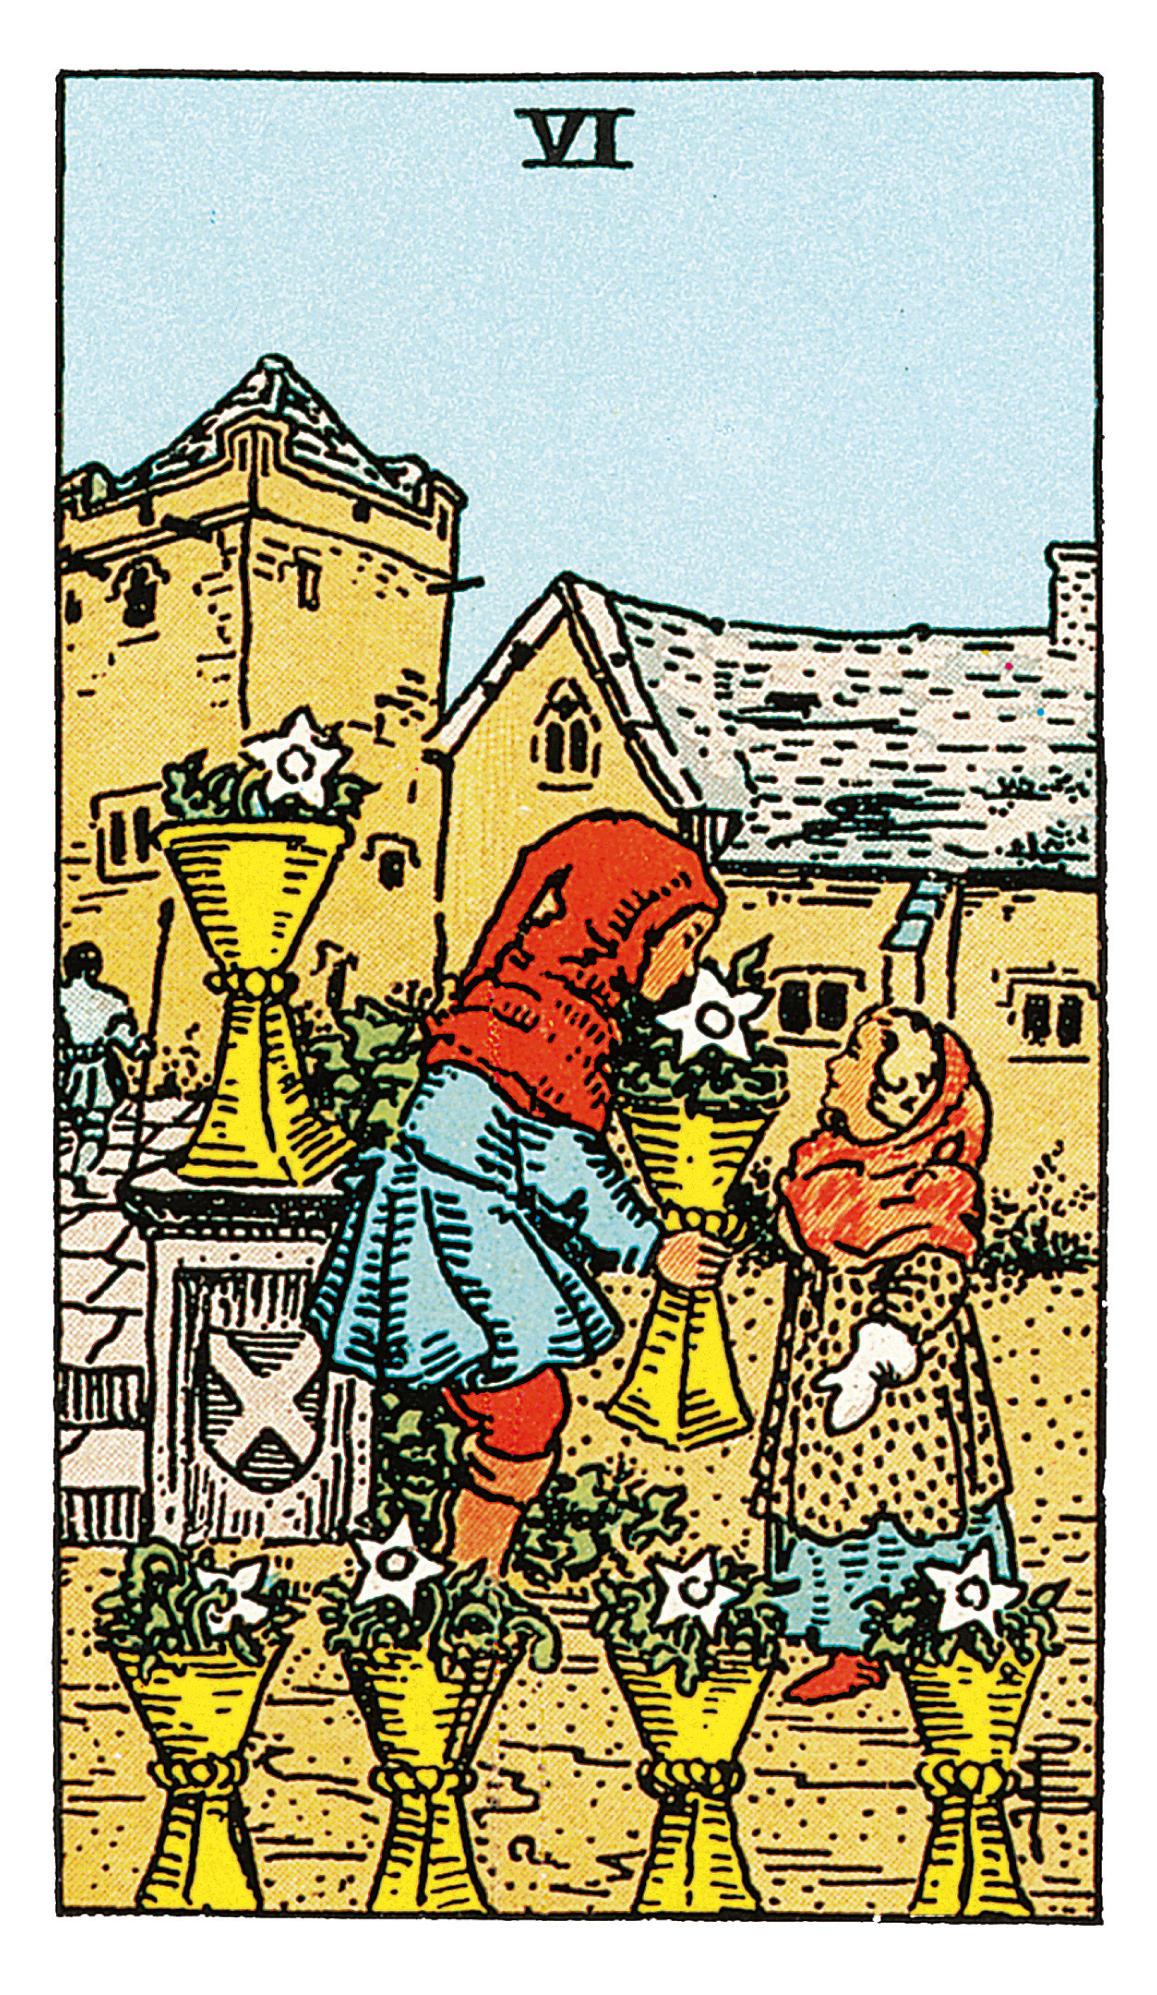 Sechs Der Kelche Deine Tarotkarte Brigittede